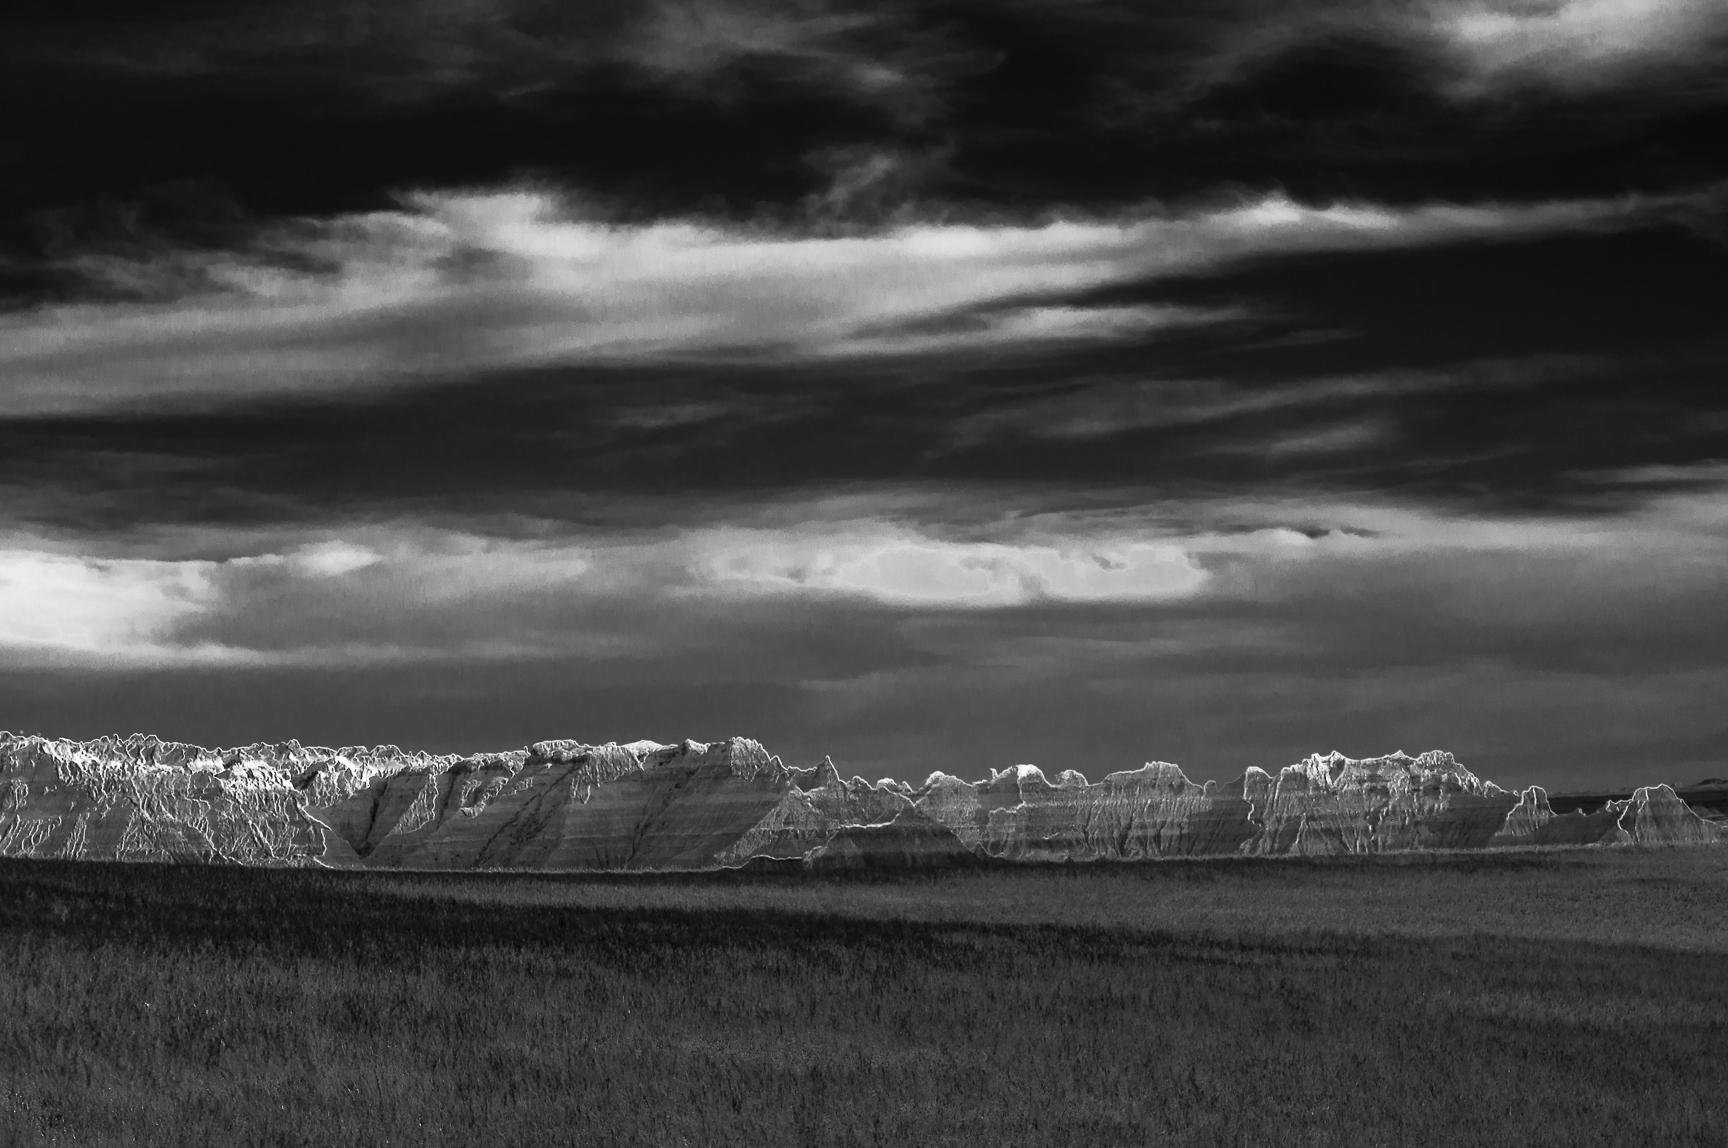 Sunset - Badlands National Park